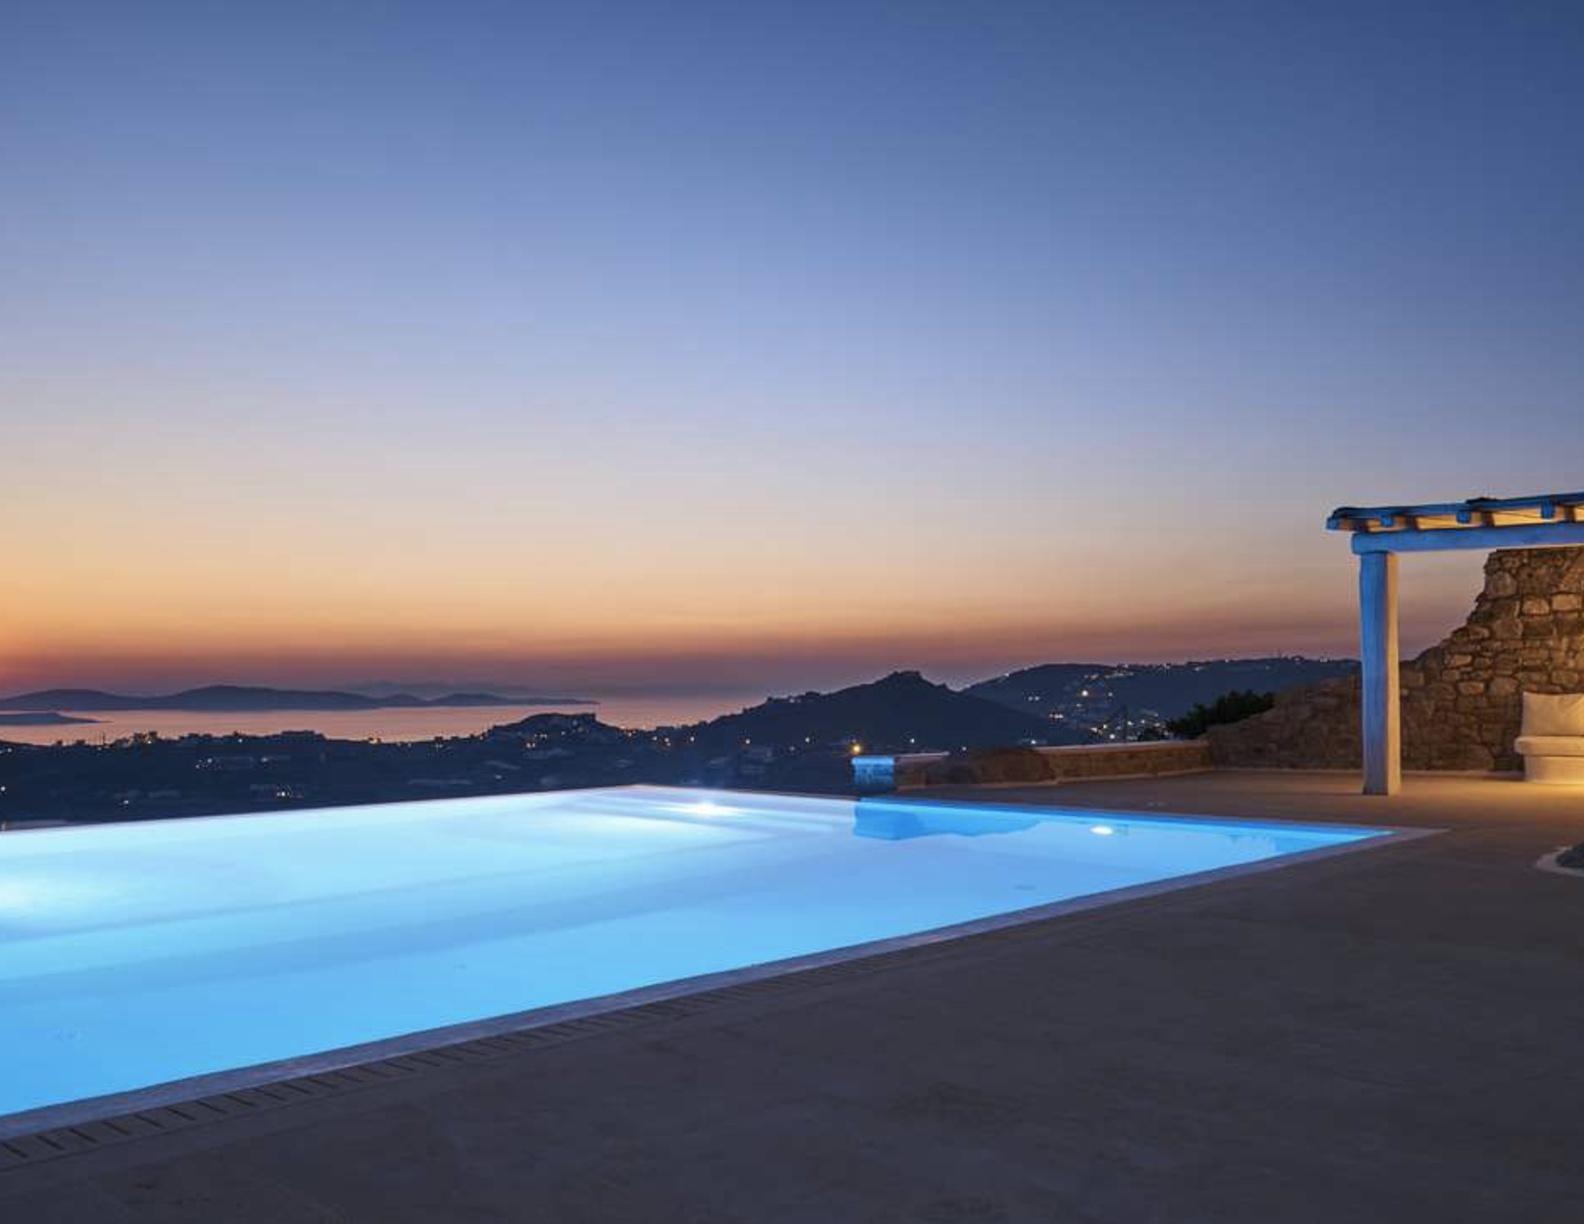 Villa-Era-Mykonos-ilovepdf-compressed-027